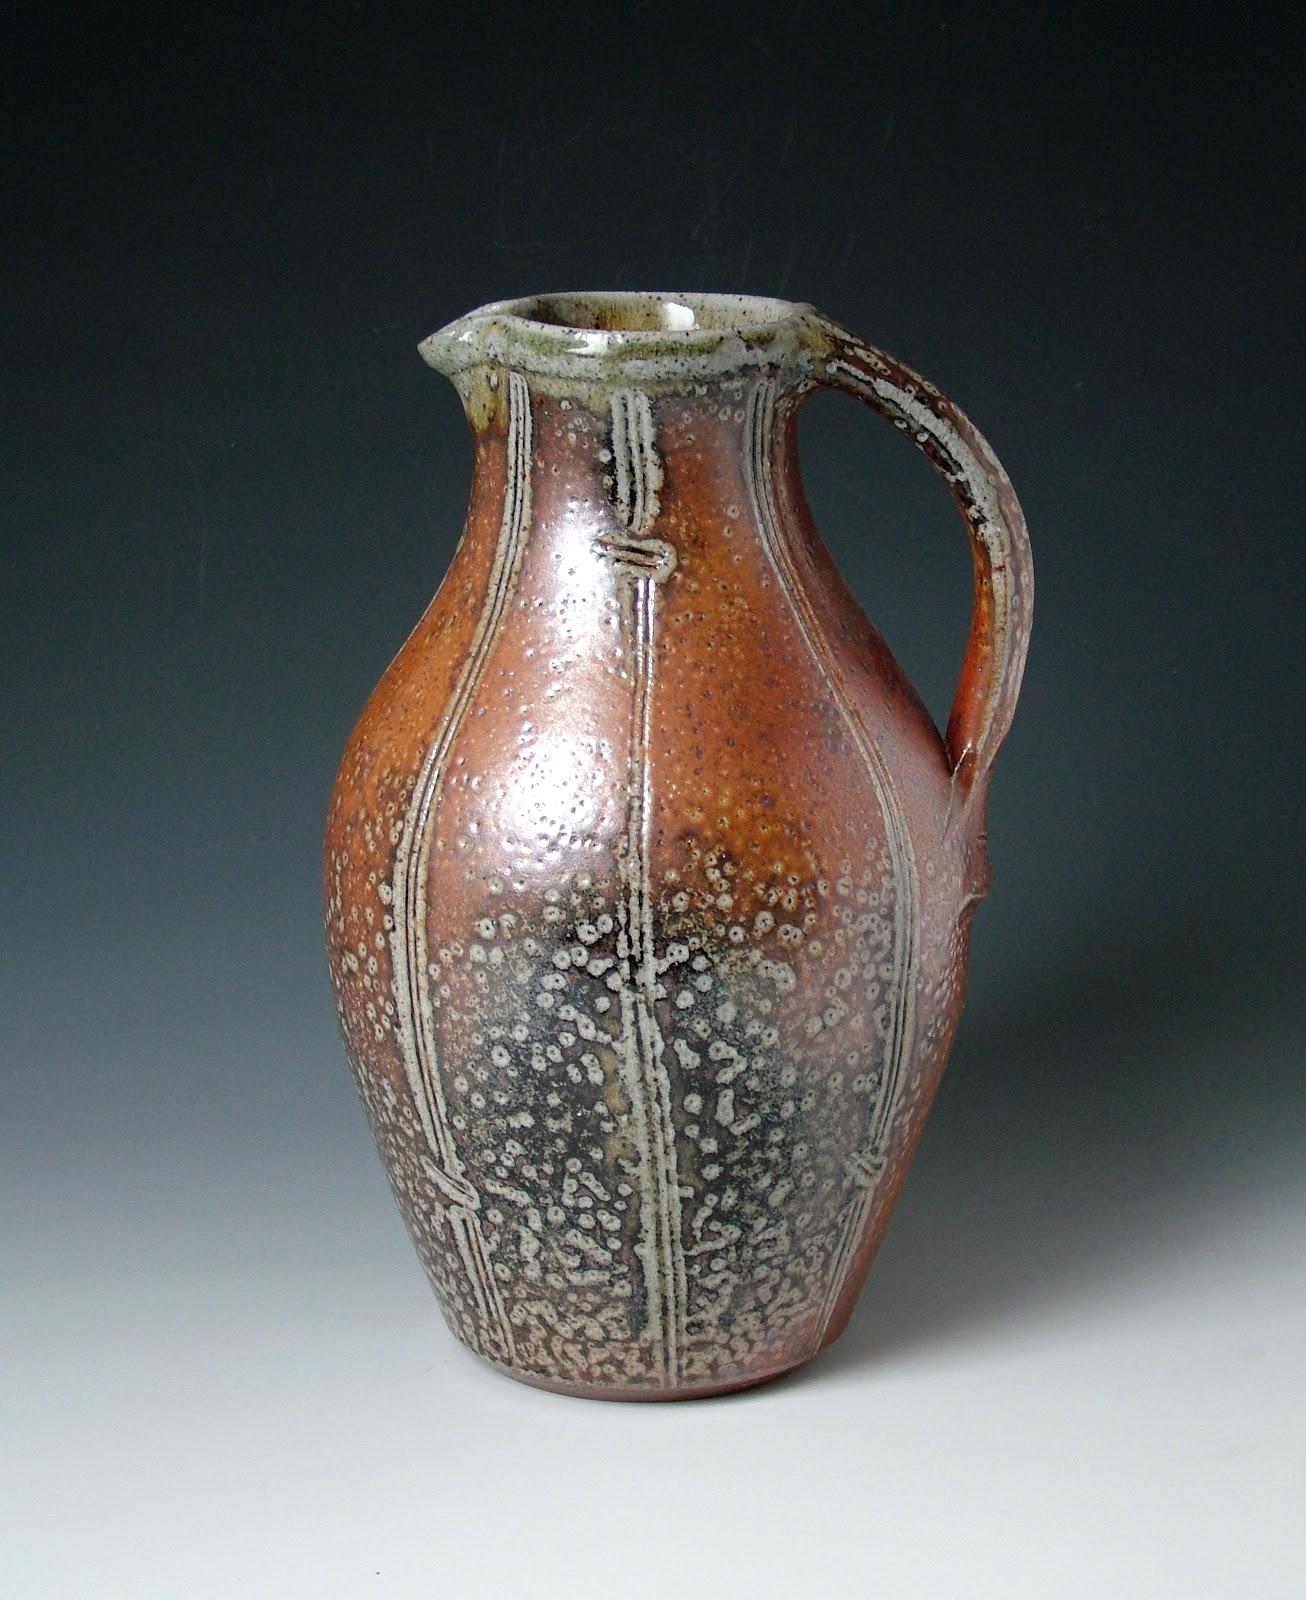 Contemporary ceramics april 2012 for the table reviewsmspy